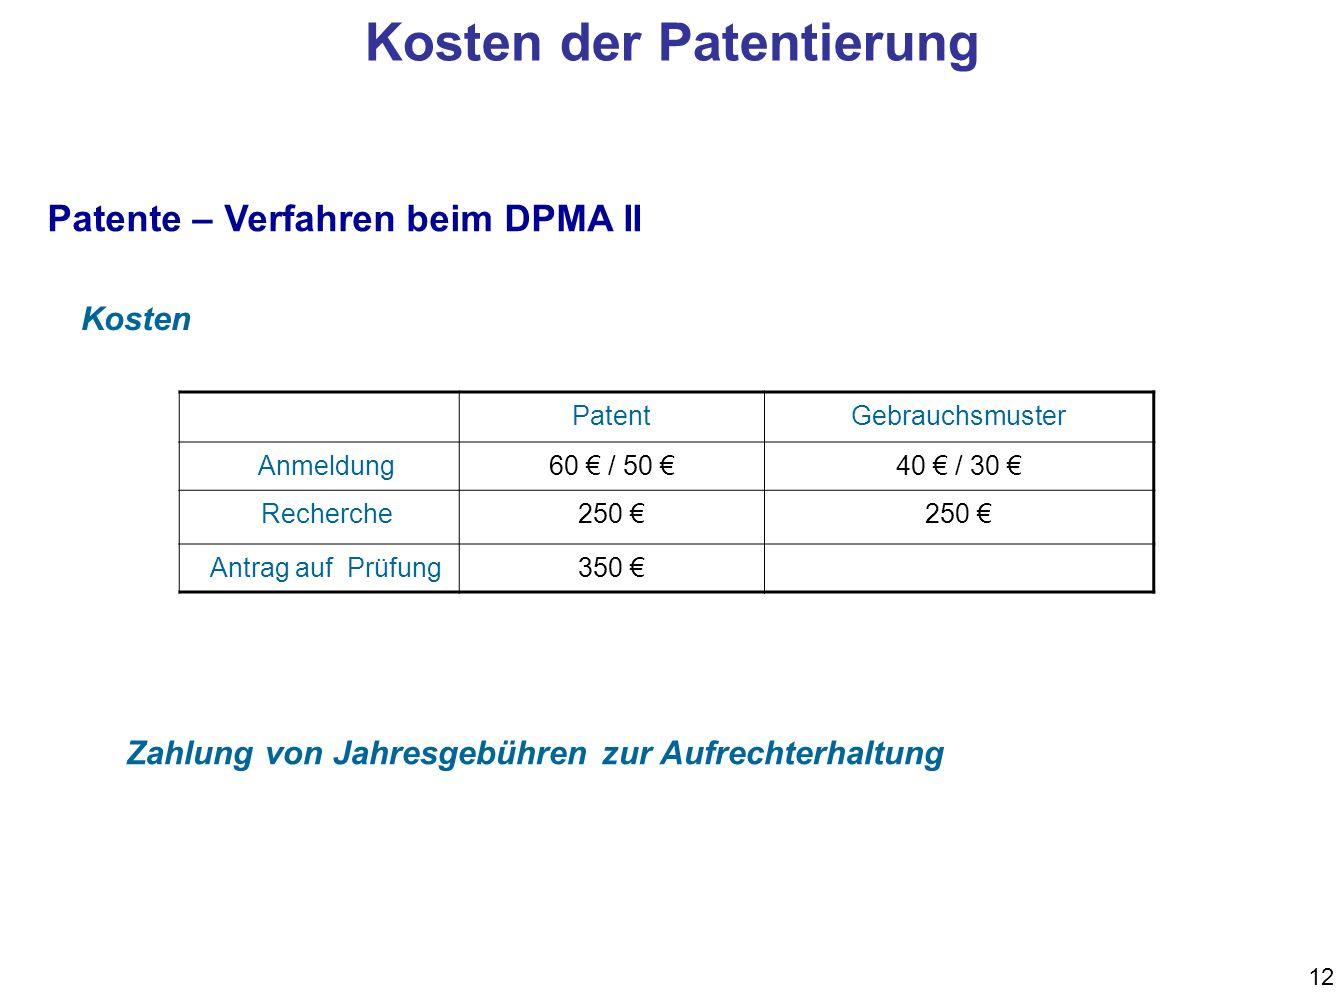 12 Zahlung von Jahresgebühren zur Aufrechterhaltung PatentGebrauchsmuster Anmeldung60 / 50 40 / 30 Recherche250 Antrag auf Prüfung350 Kosten Patente –